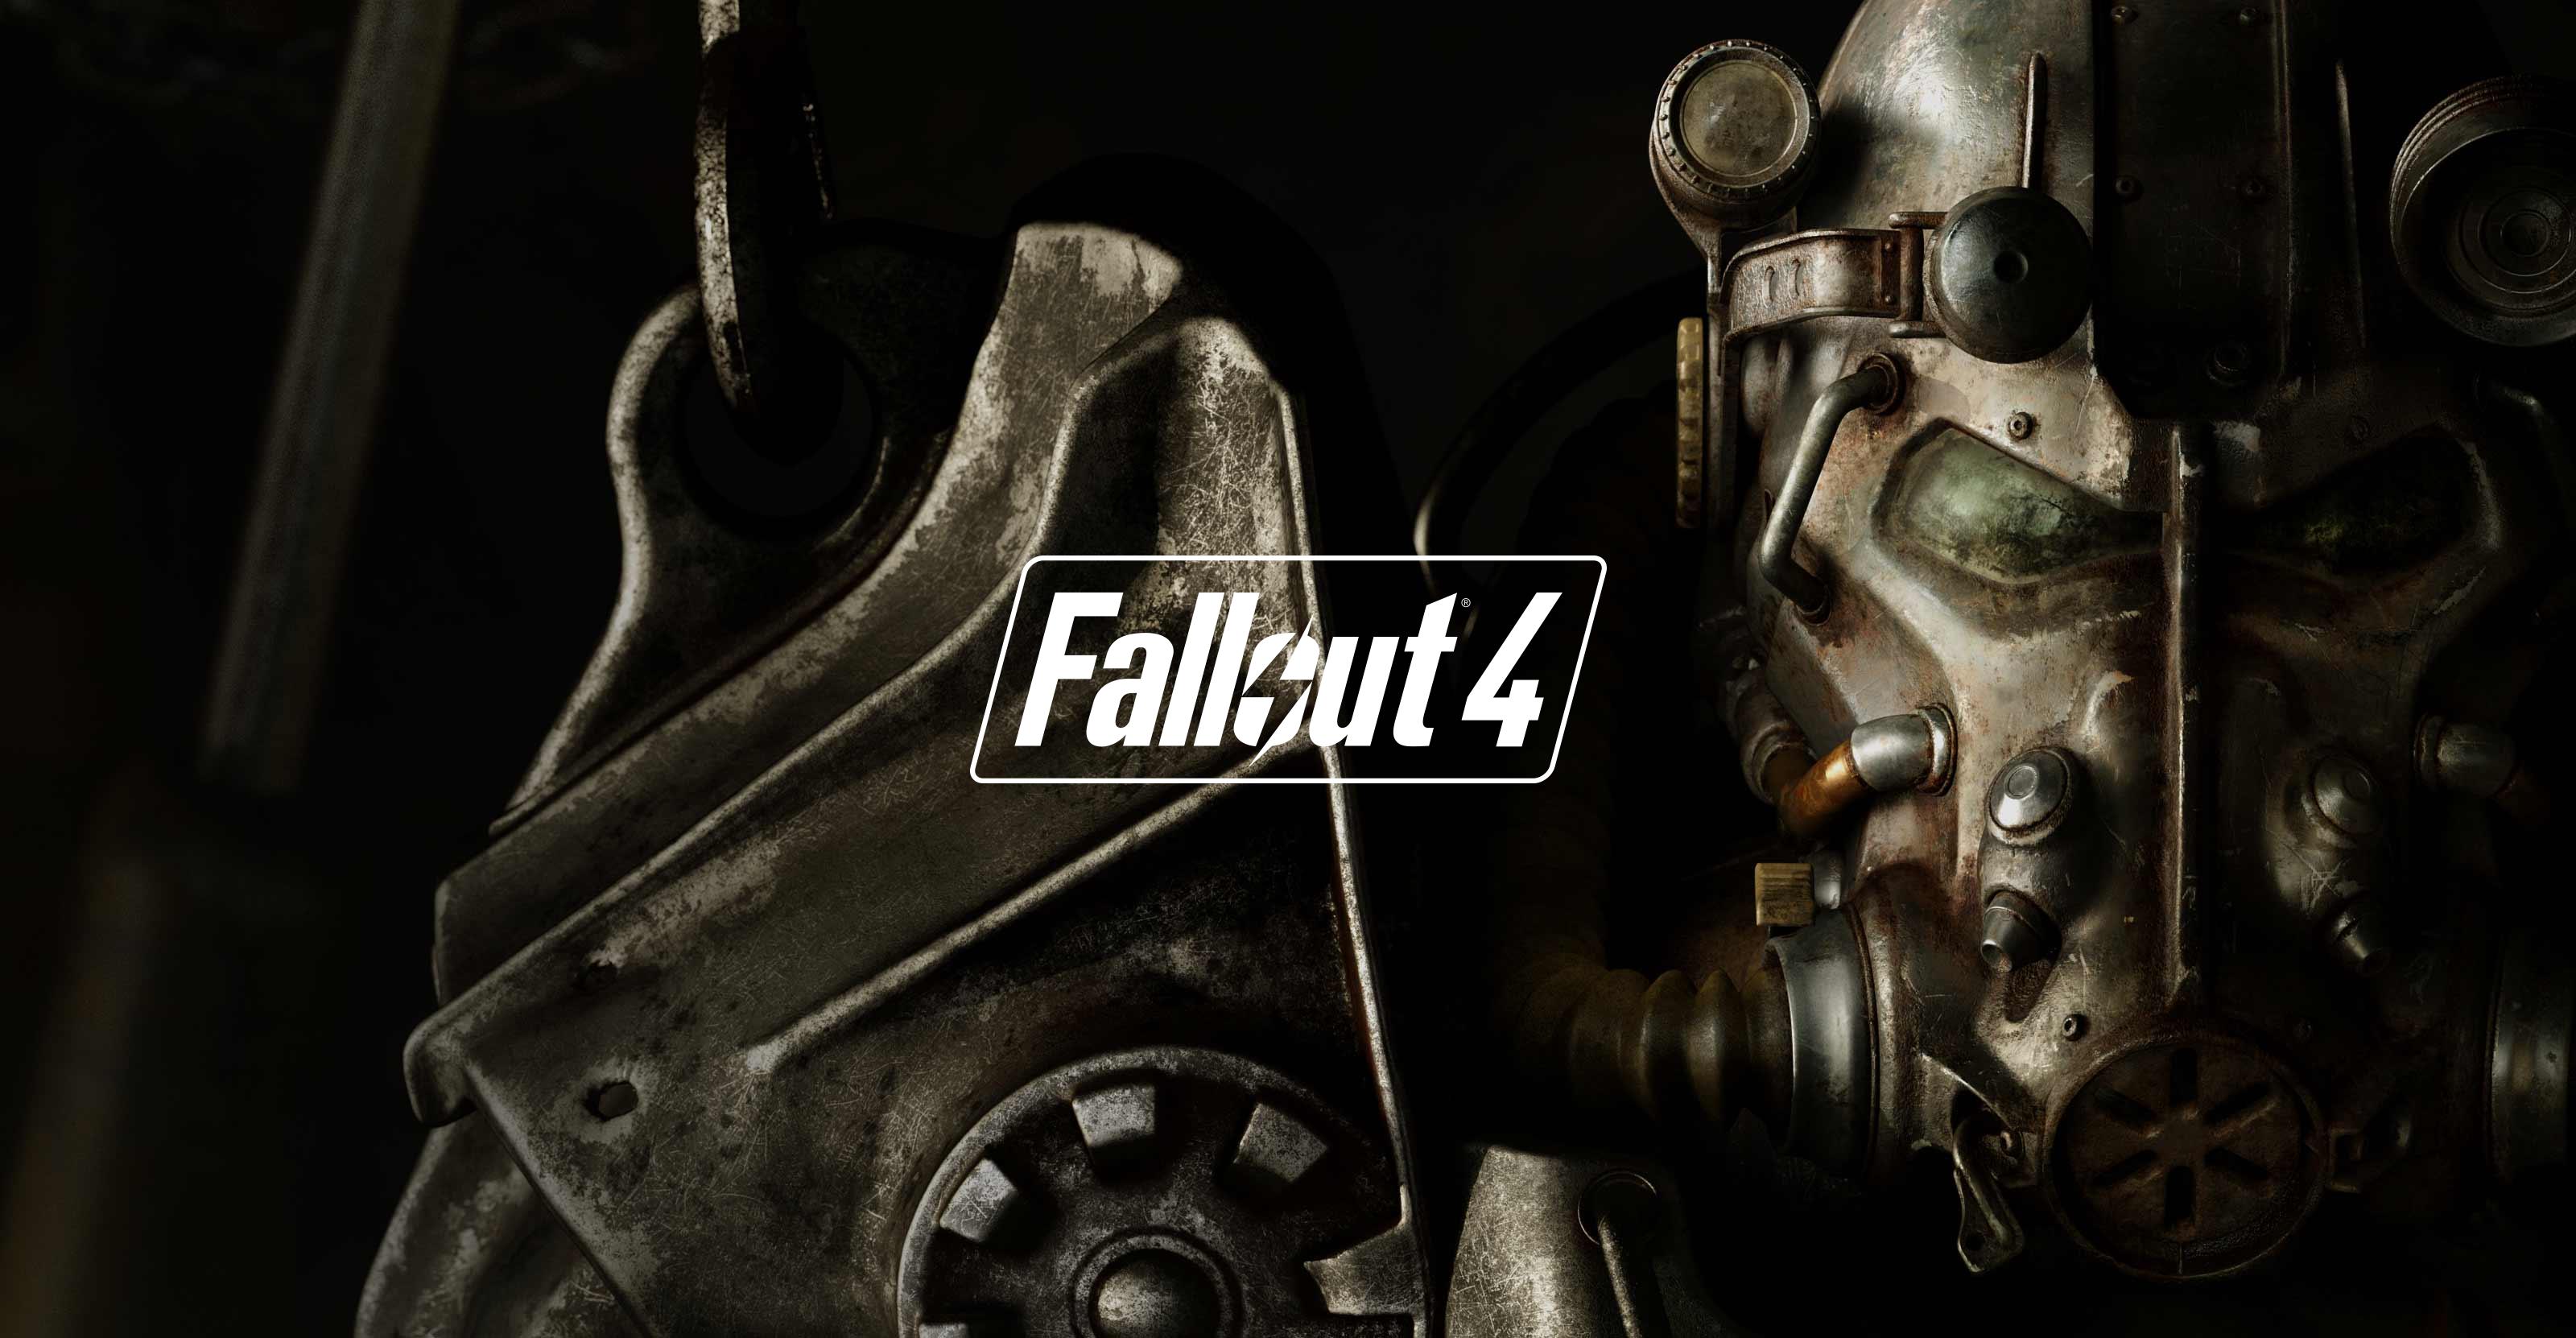 Fallout 4 se met à jour dans une version 1.4